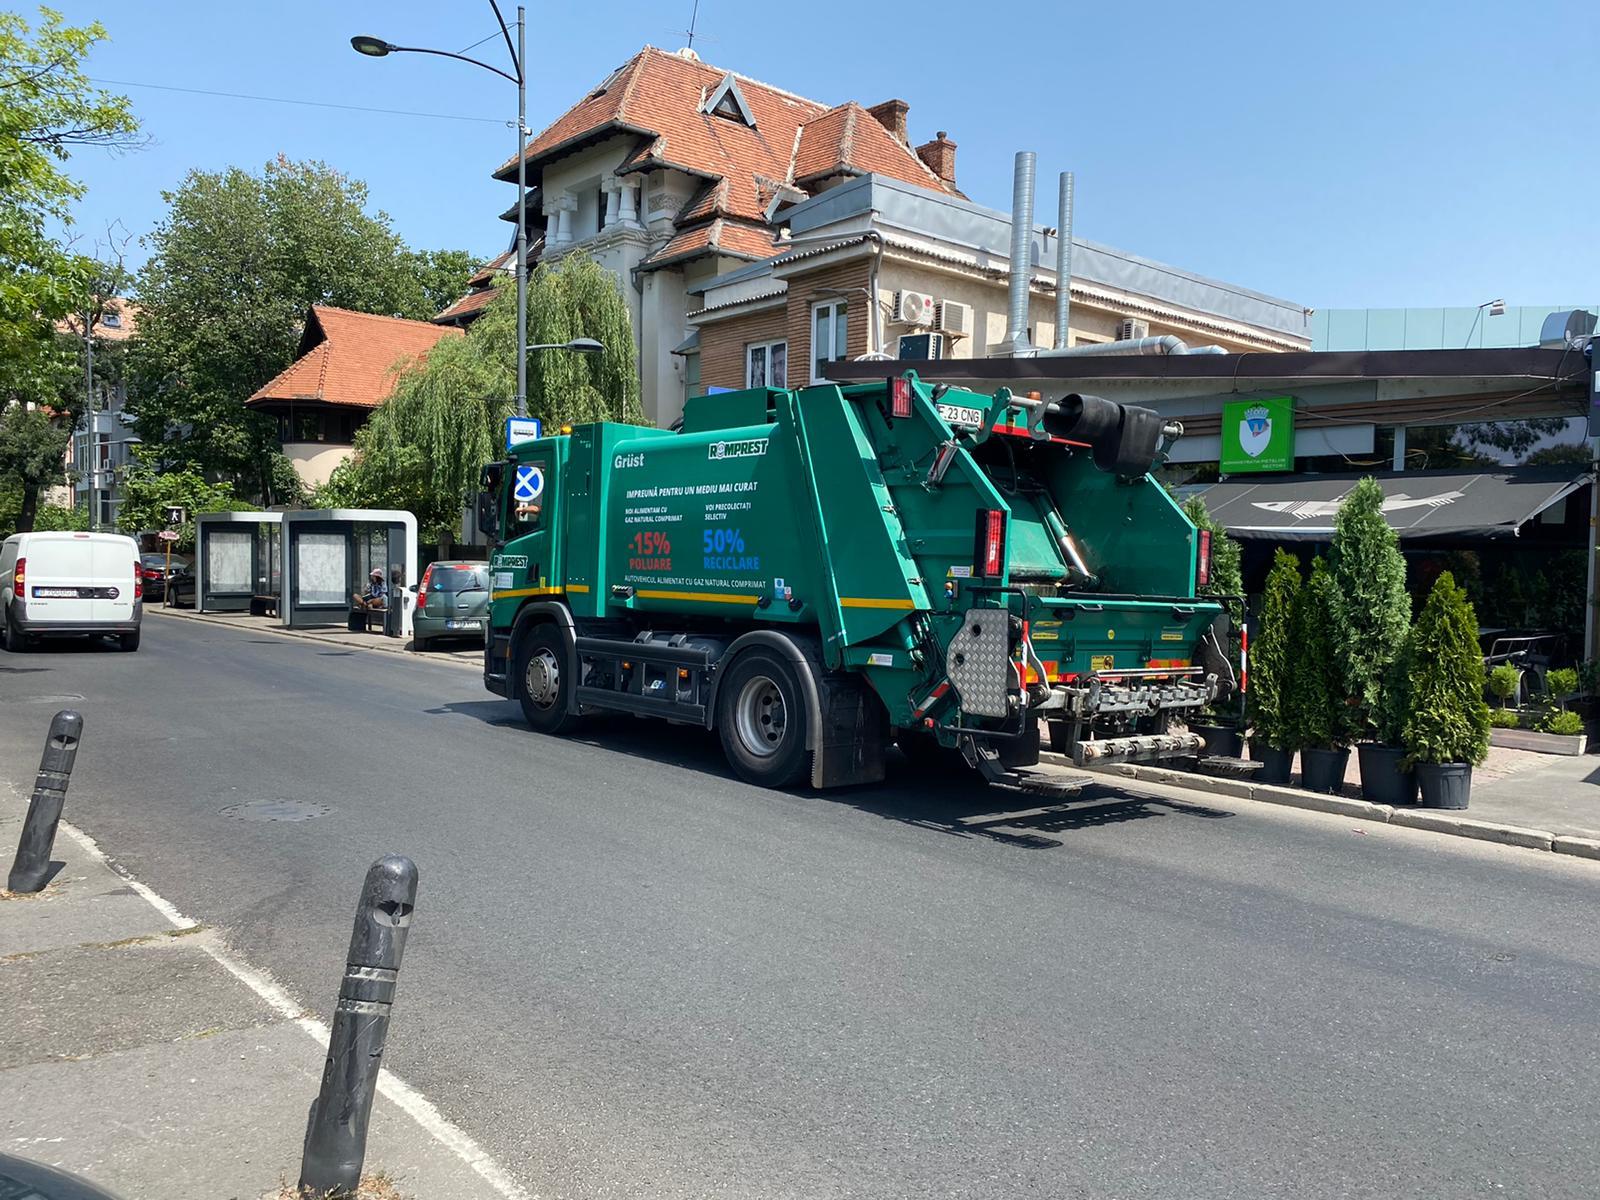 Răsturnare de situație în scandalul gunoaielor. Romprest acceptă să asigure curățenia în Sectorul 1 la jumătate din prețul cerut în iarnă